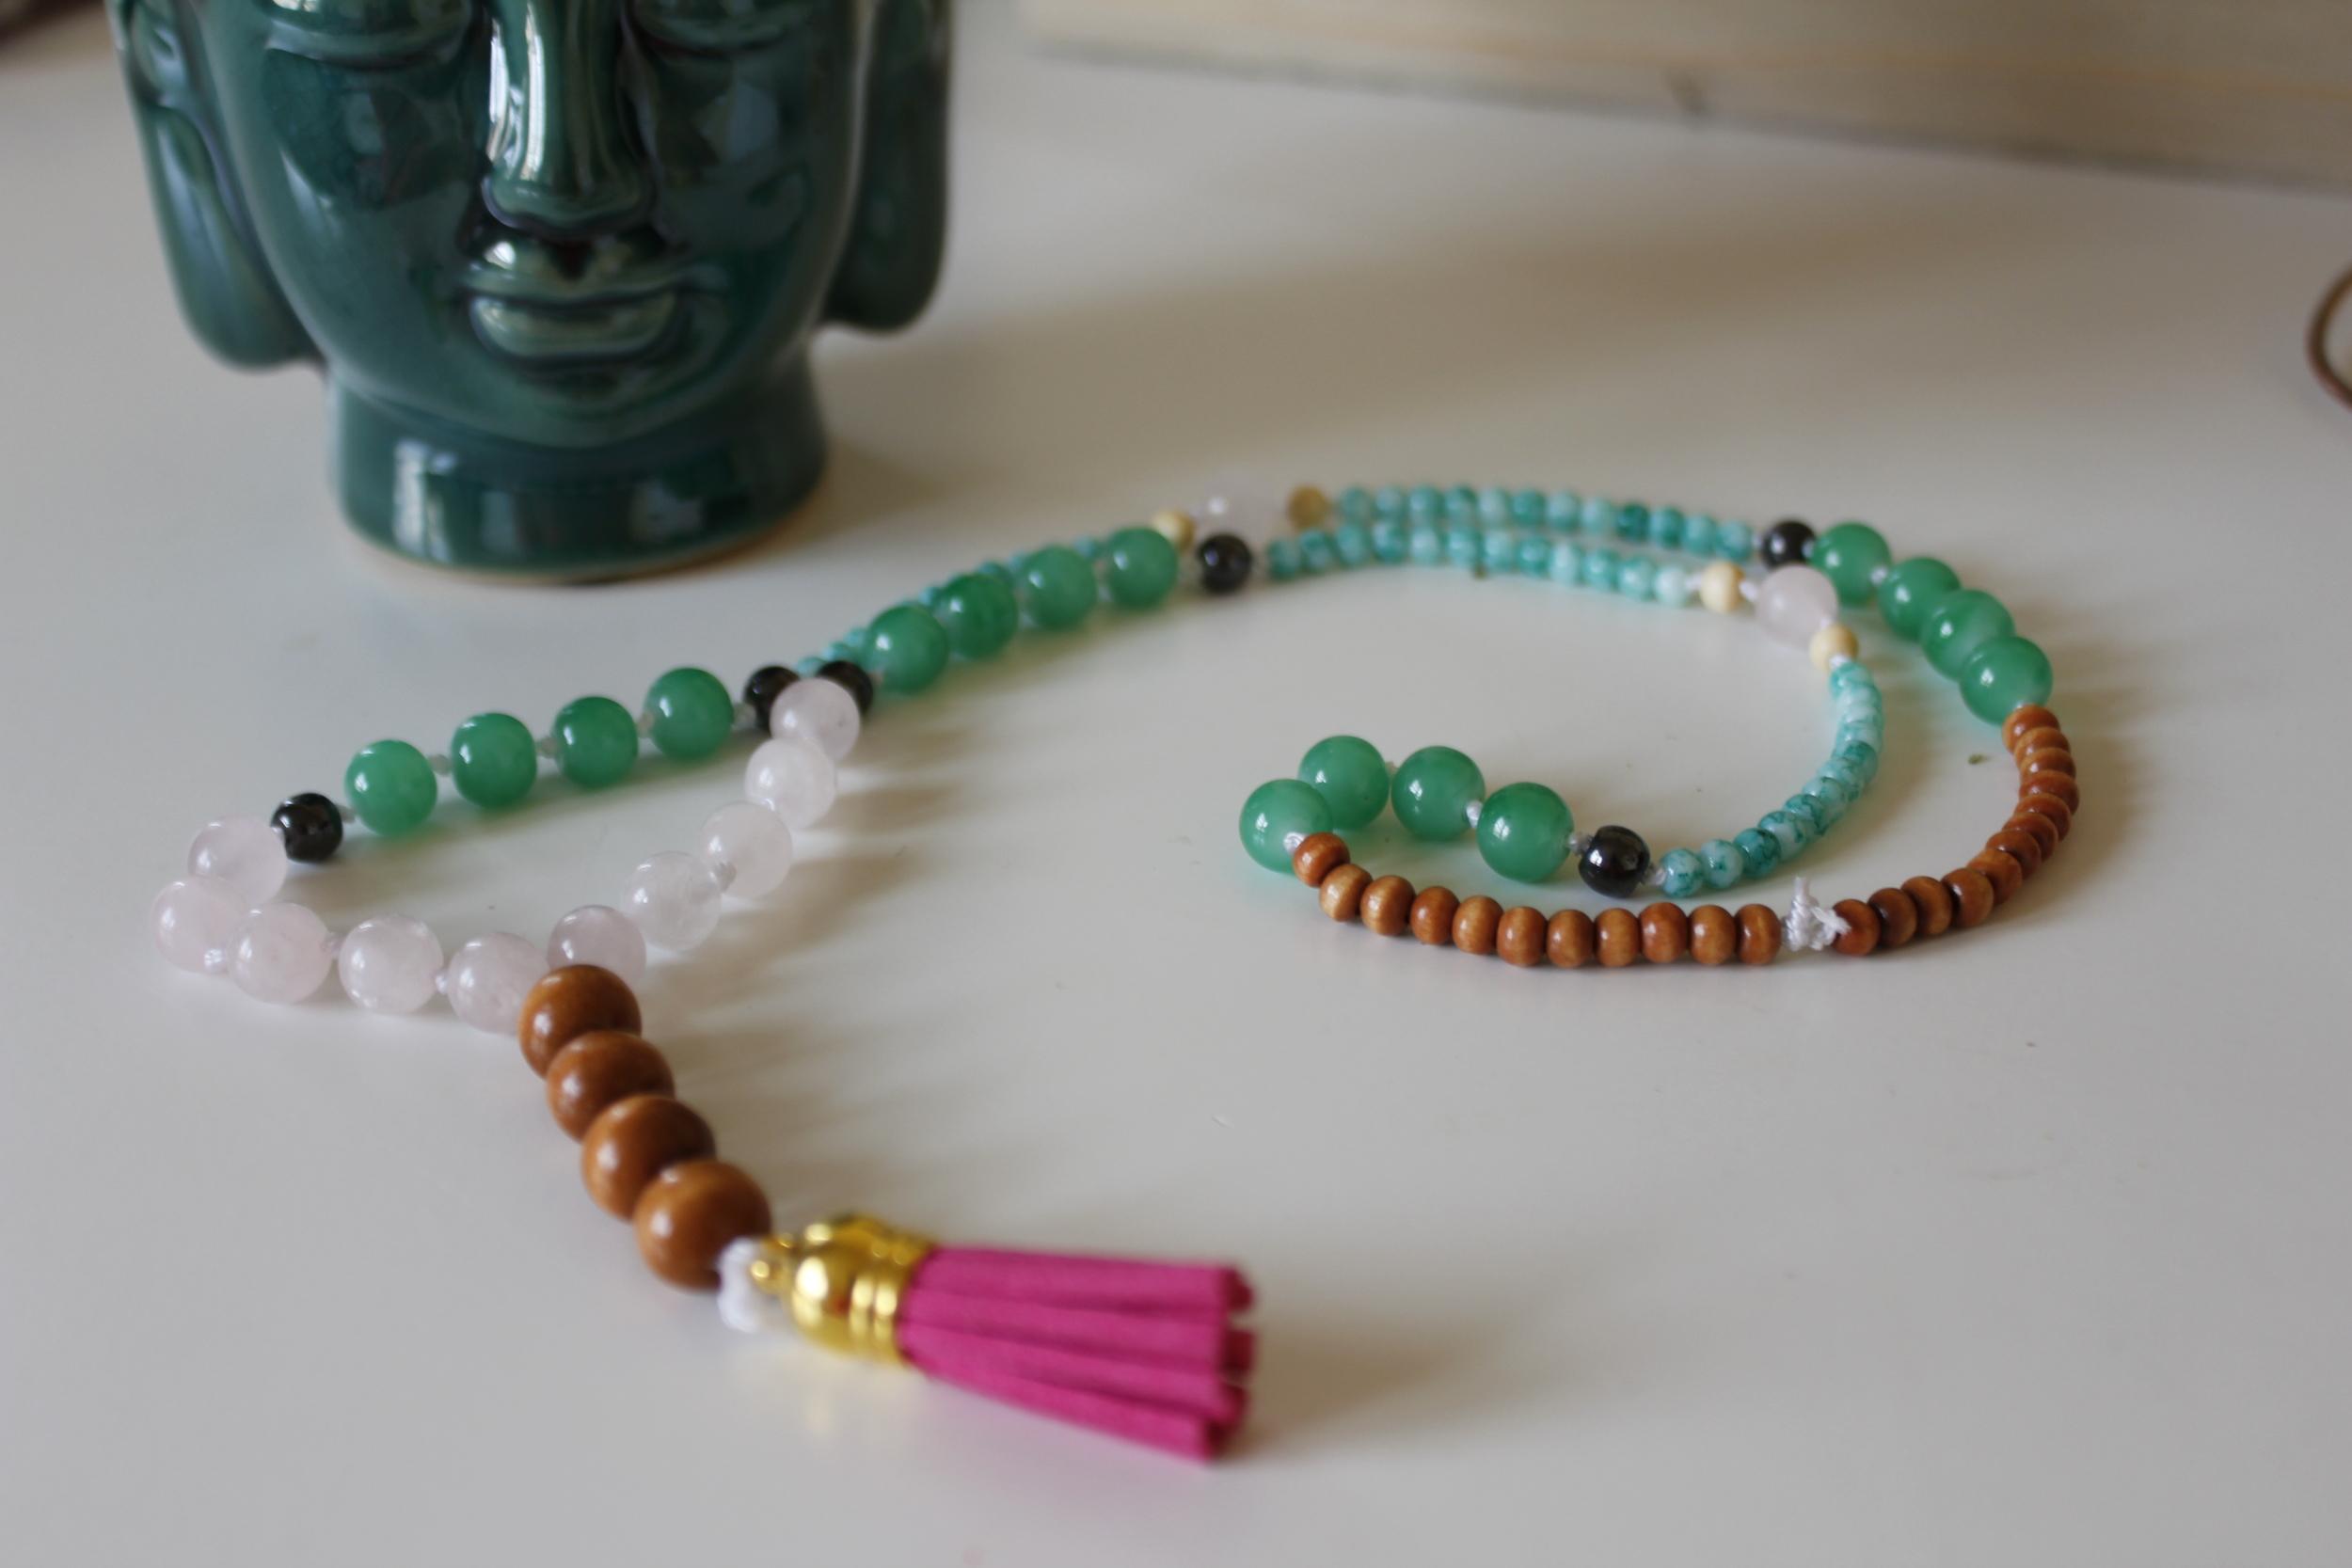 diy mala necklace